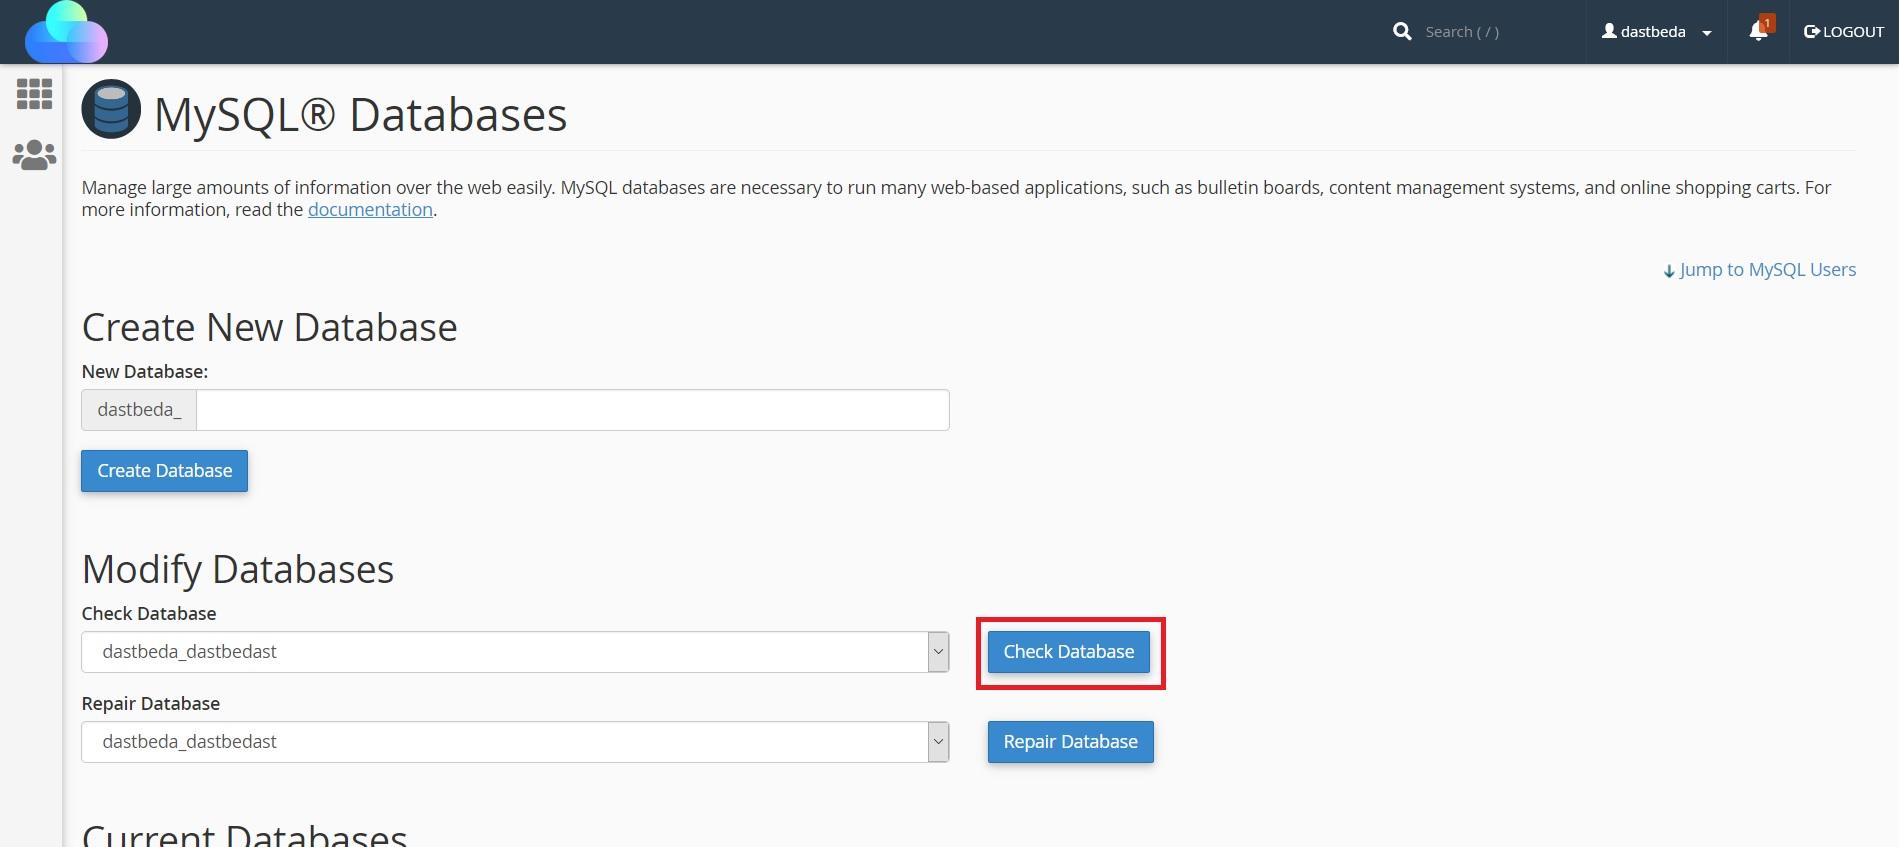 آموزش بررسی دیتابیس در سی پنل از طریق MySQL Databases